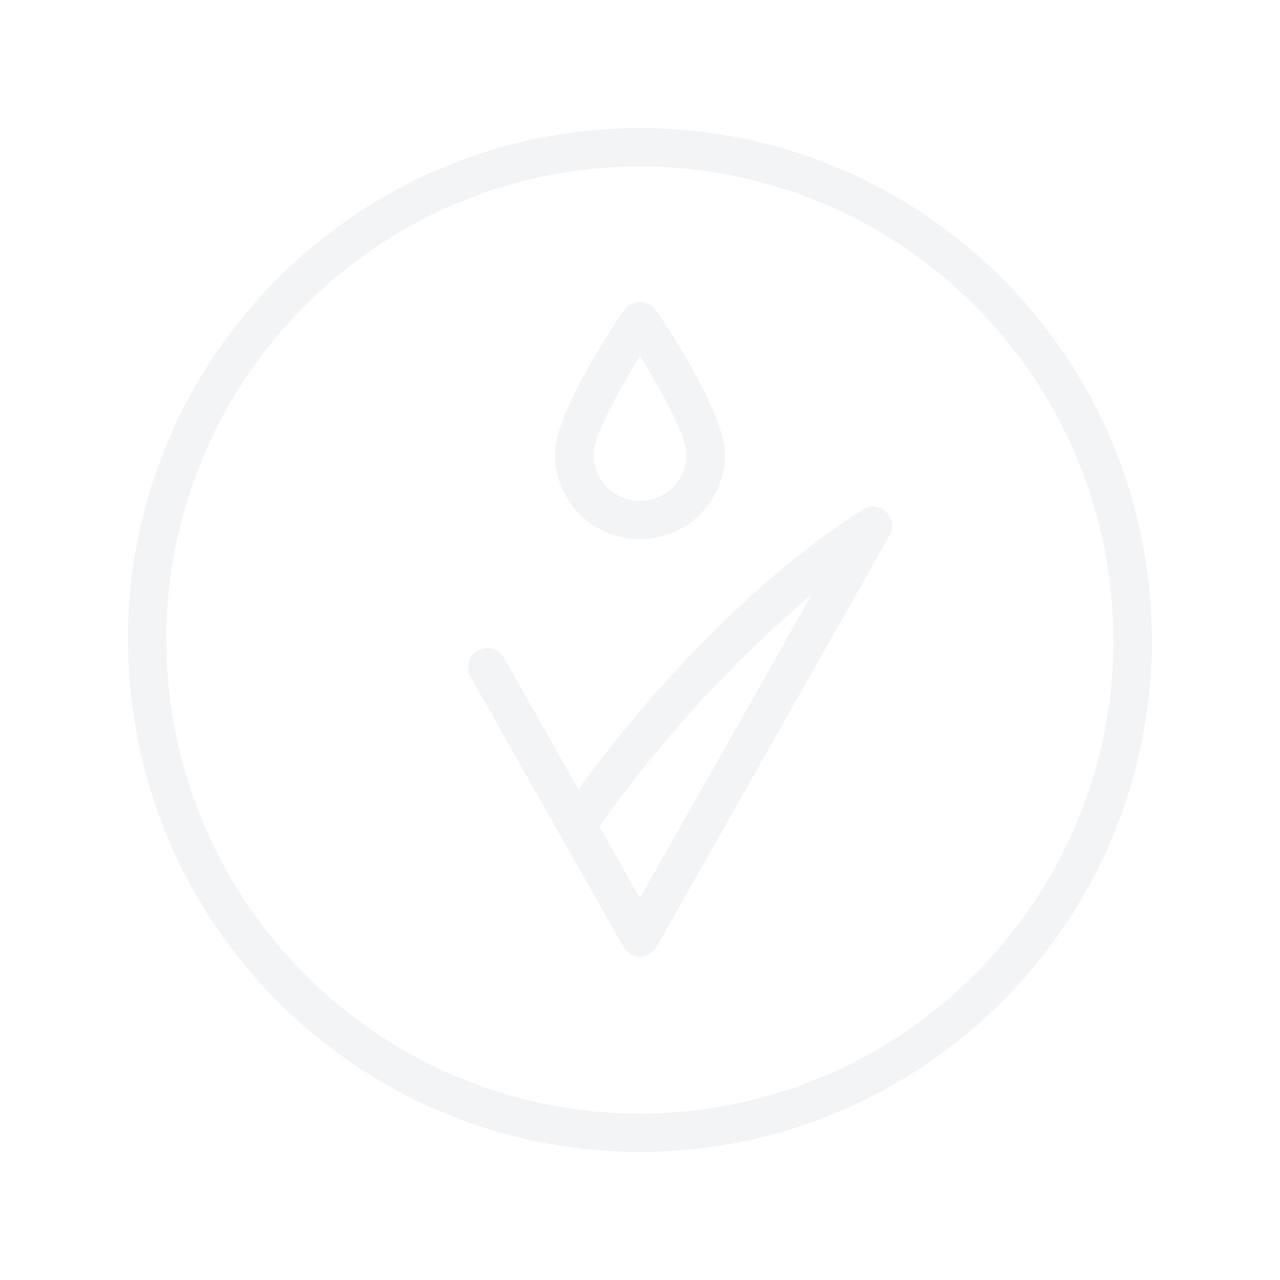 BOURJOIS Contour Edition Lip Liner No.02 Coton Candy 1.14g